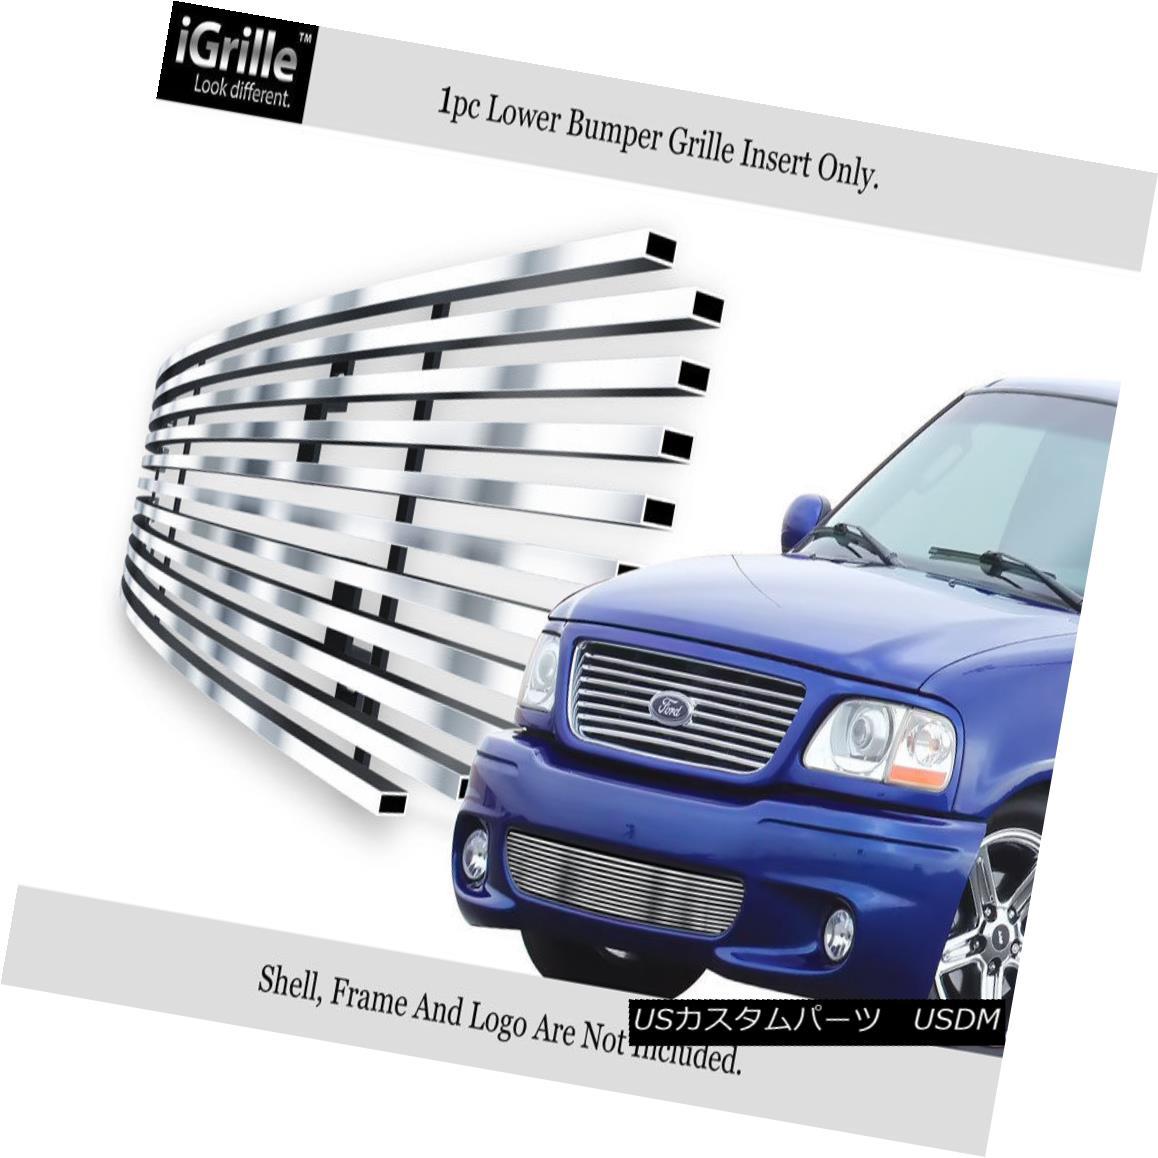 グリル Fits 99-03 Ford F-150 Lightning Bumper Stainless Steel Billet Grille Insert フィット99 - 03フォードF - 150ライトニングバンパーステンレス鋼ビレットグリルインサート